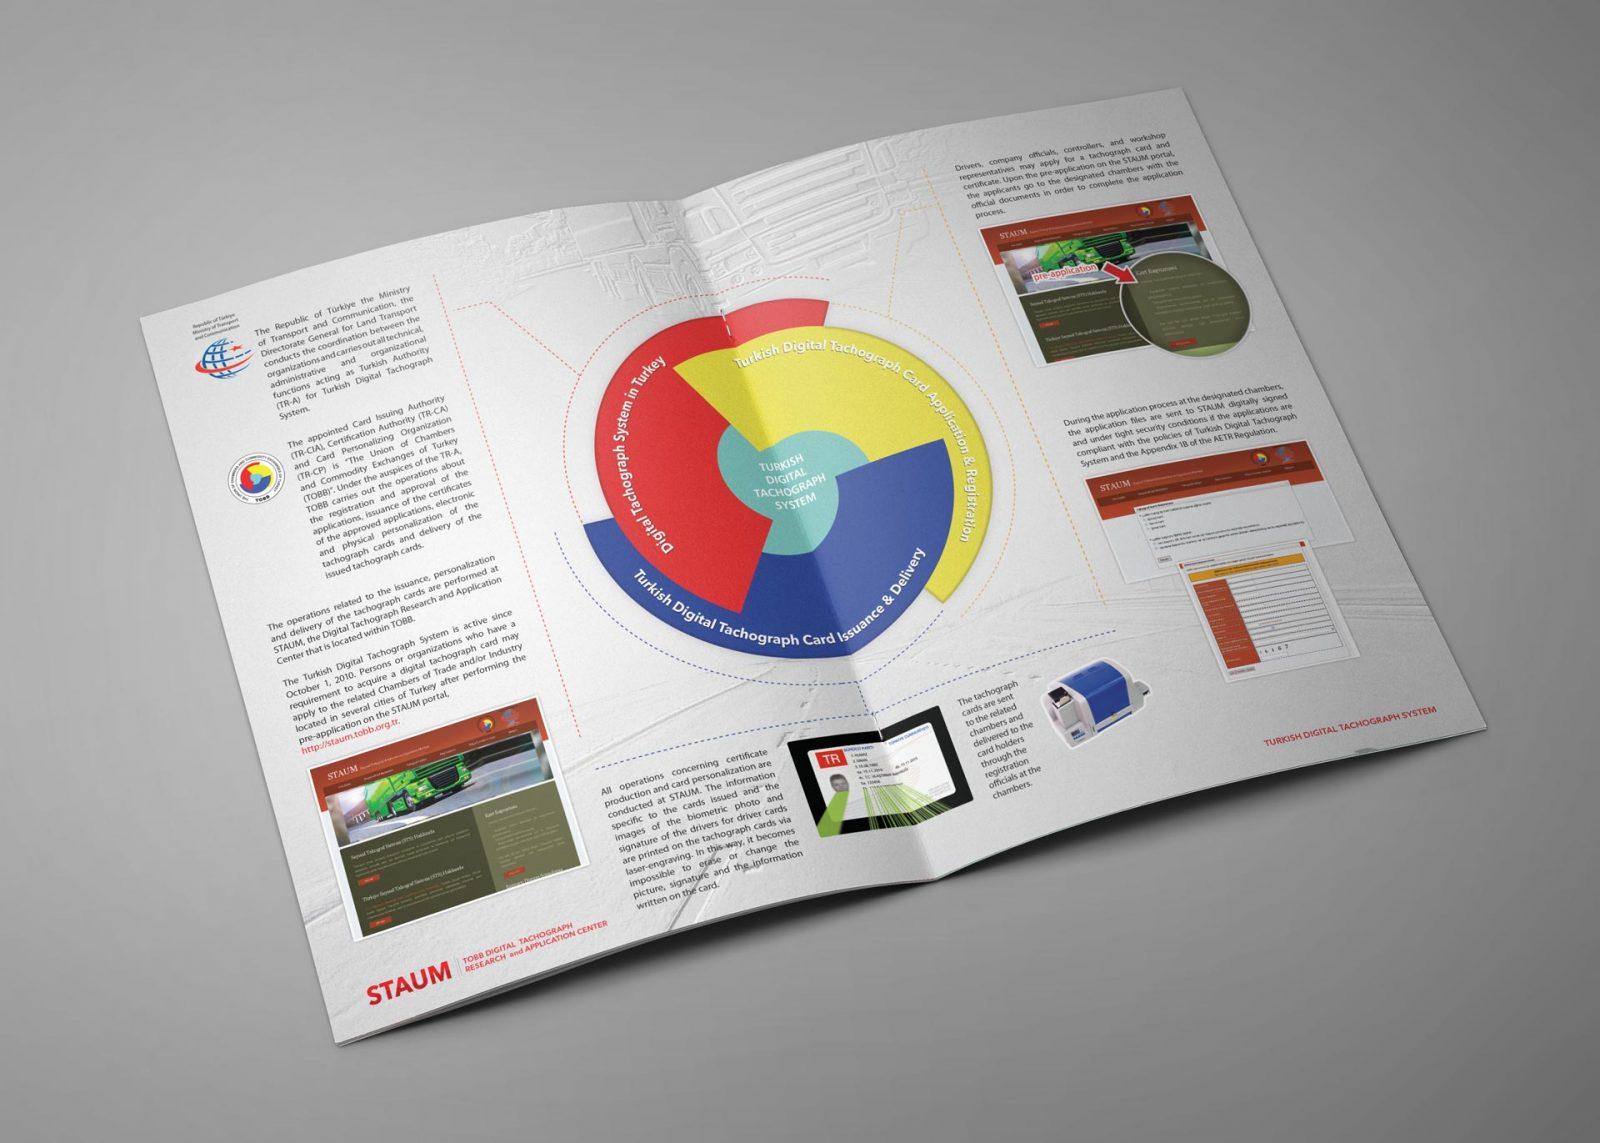 türktrust staum brosur tasarımı 05